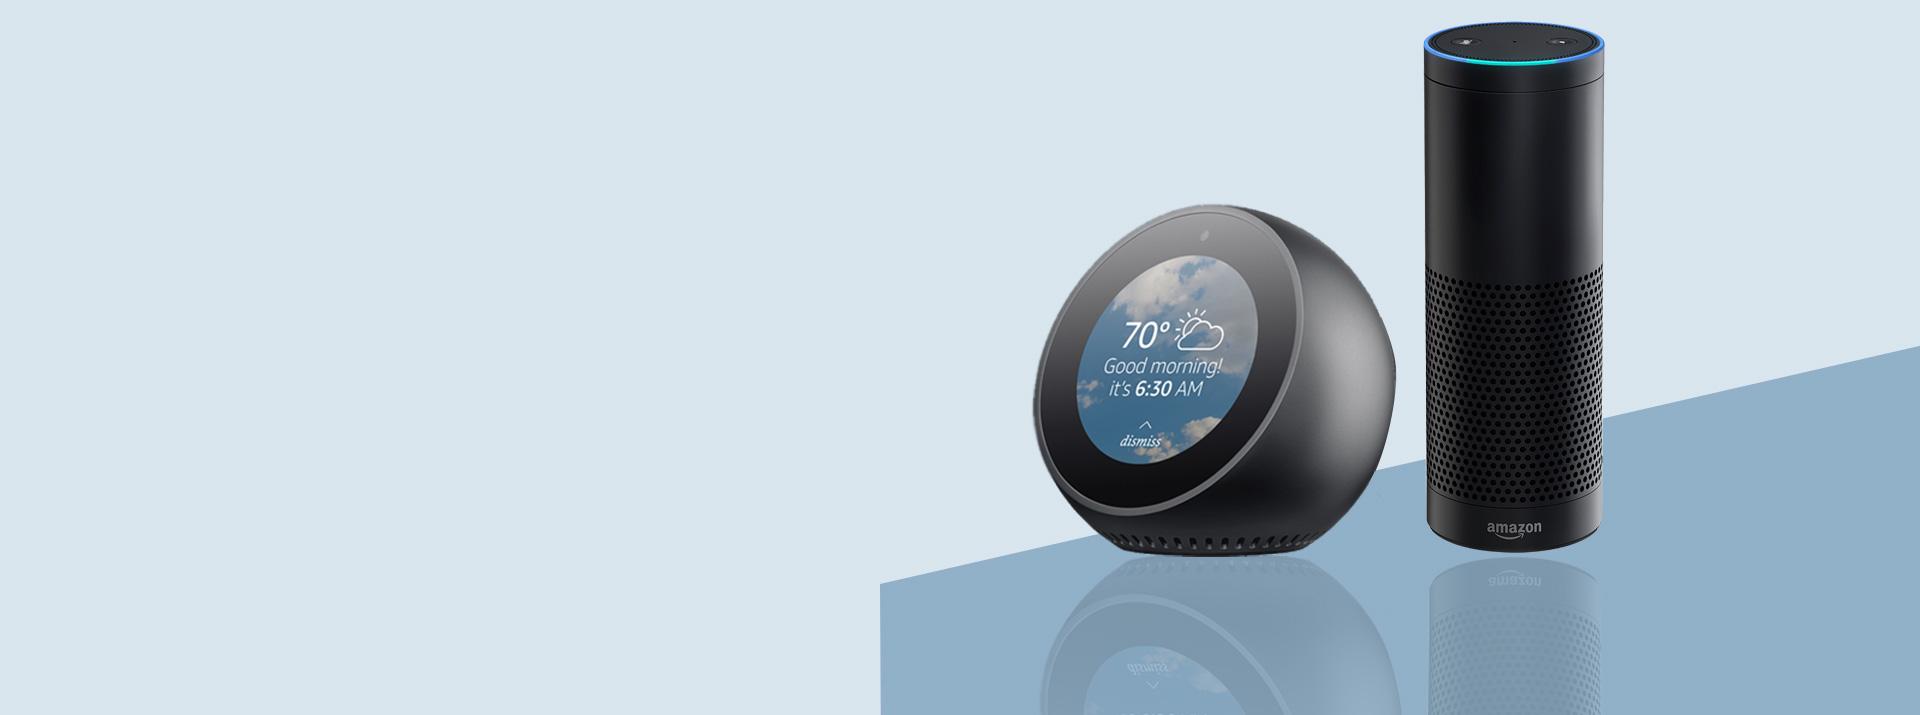 Alexa bot for business